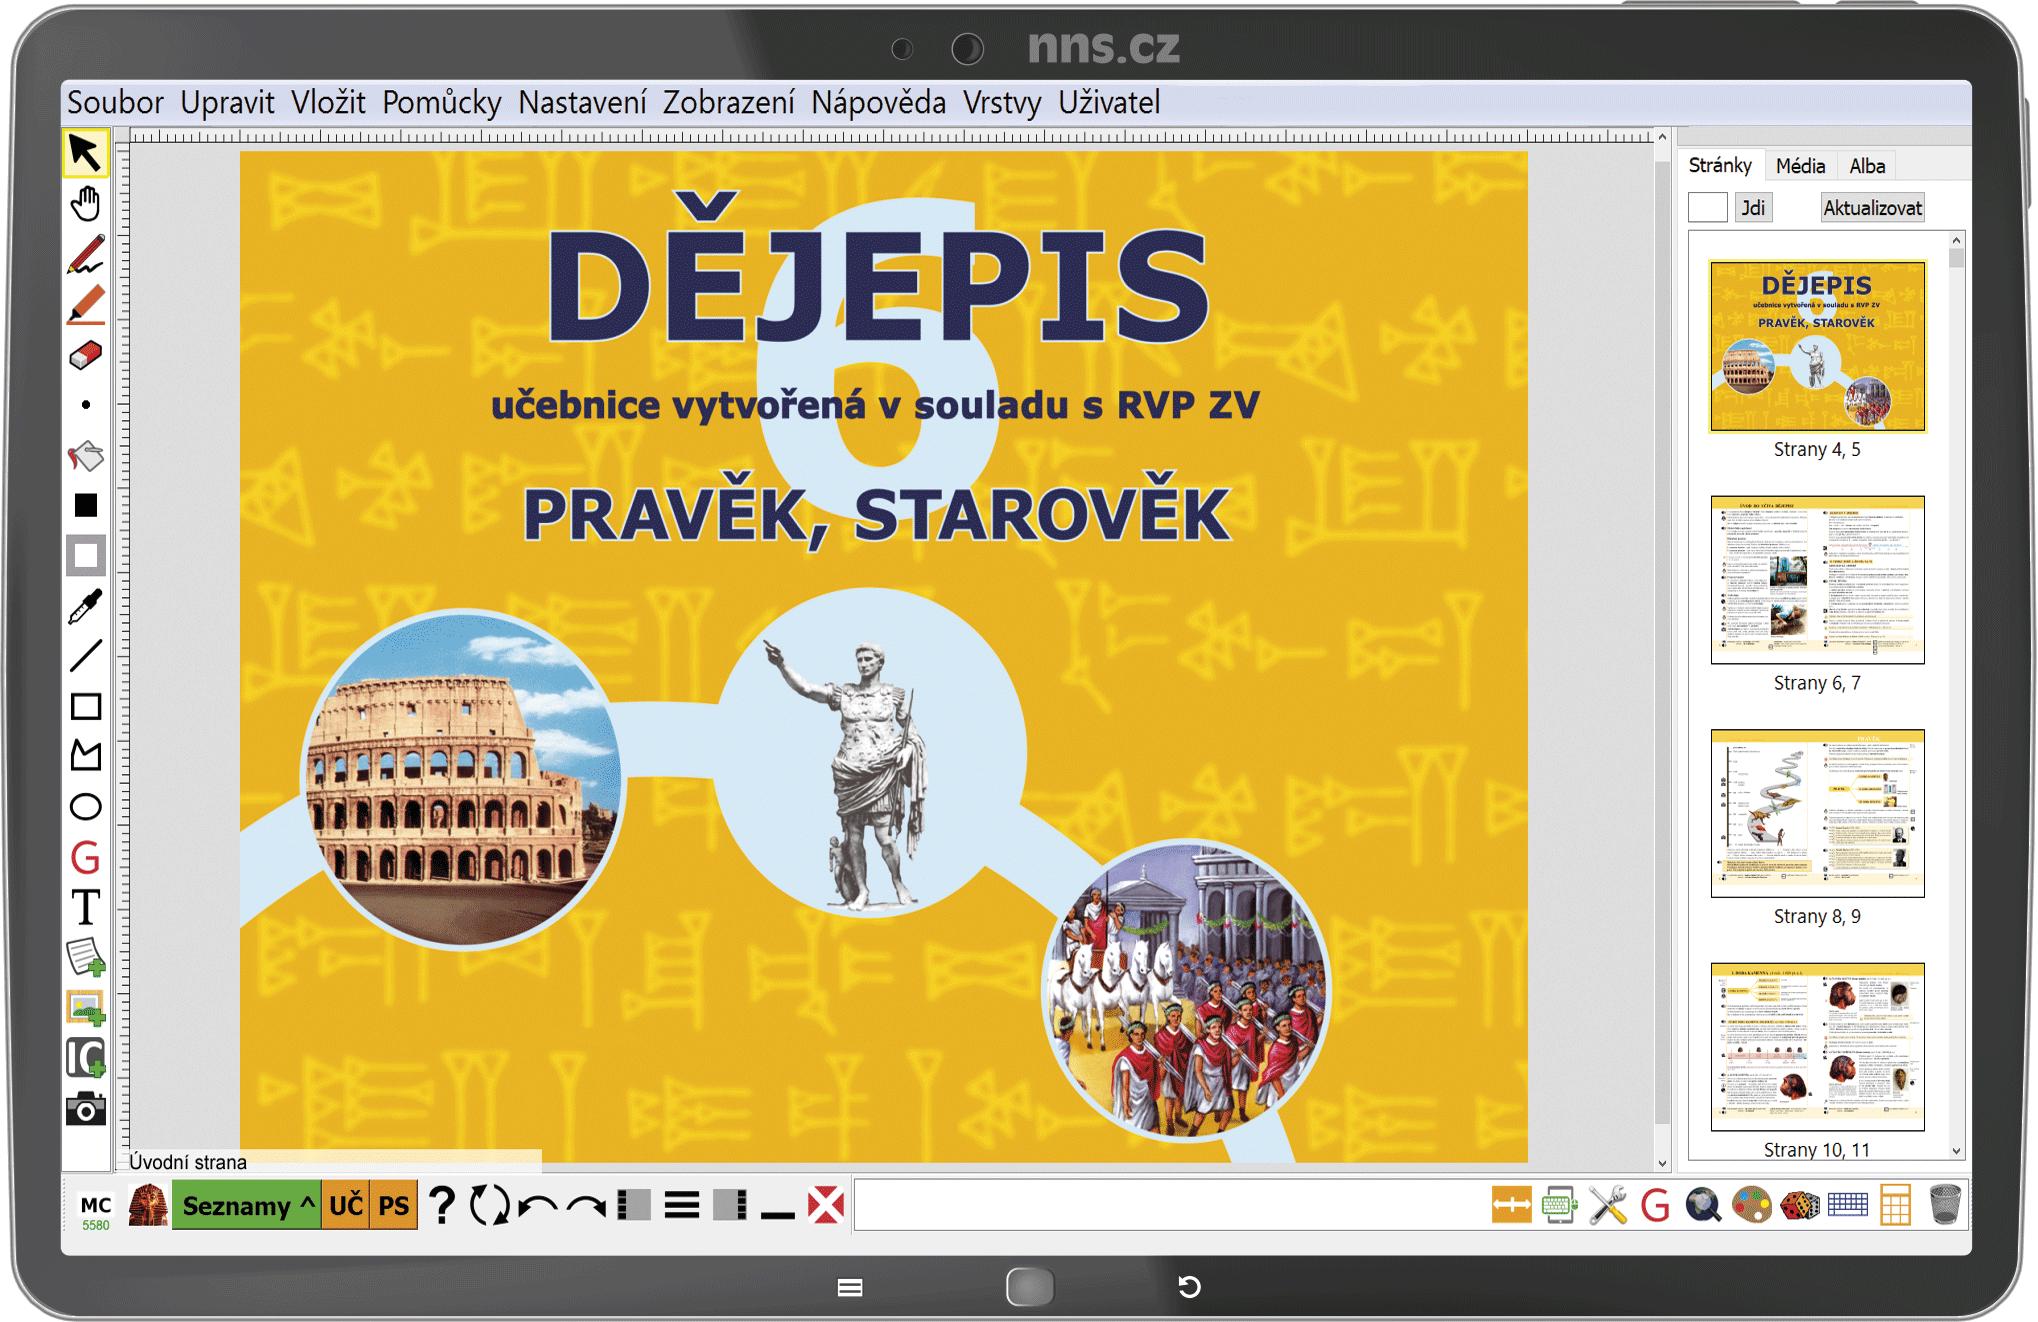 MIUč+ Dějepis 6 - Pravěk, starověk – školní licence pro 1 učitele na 1 školní rok